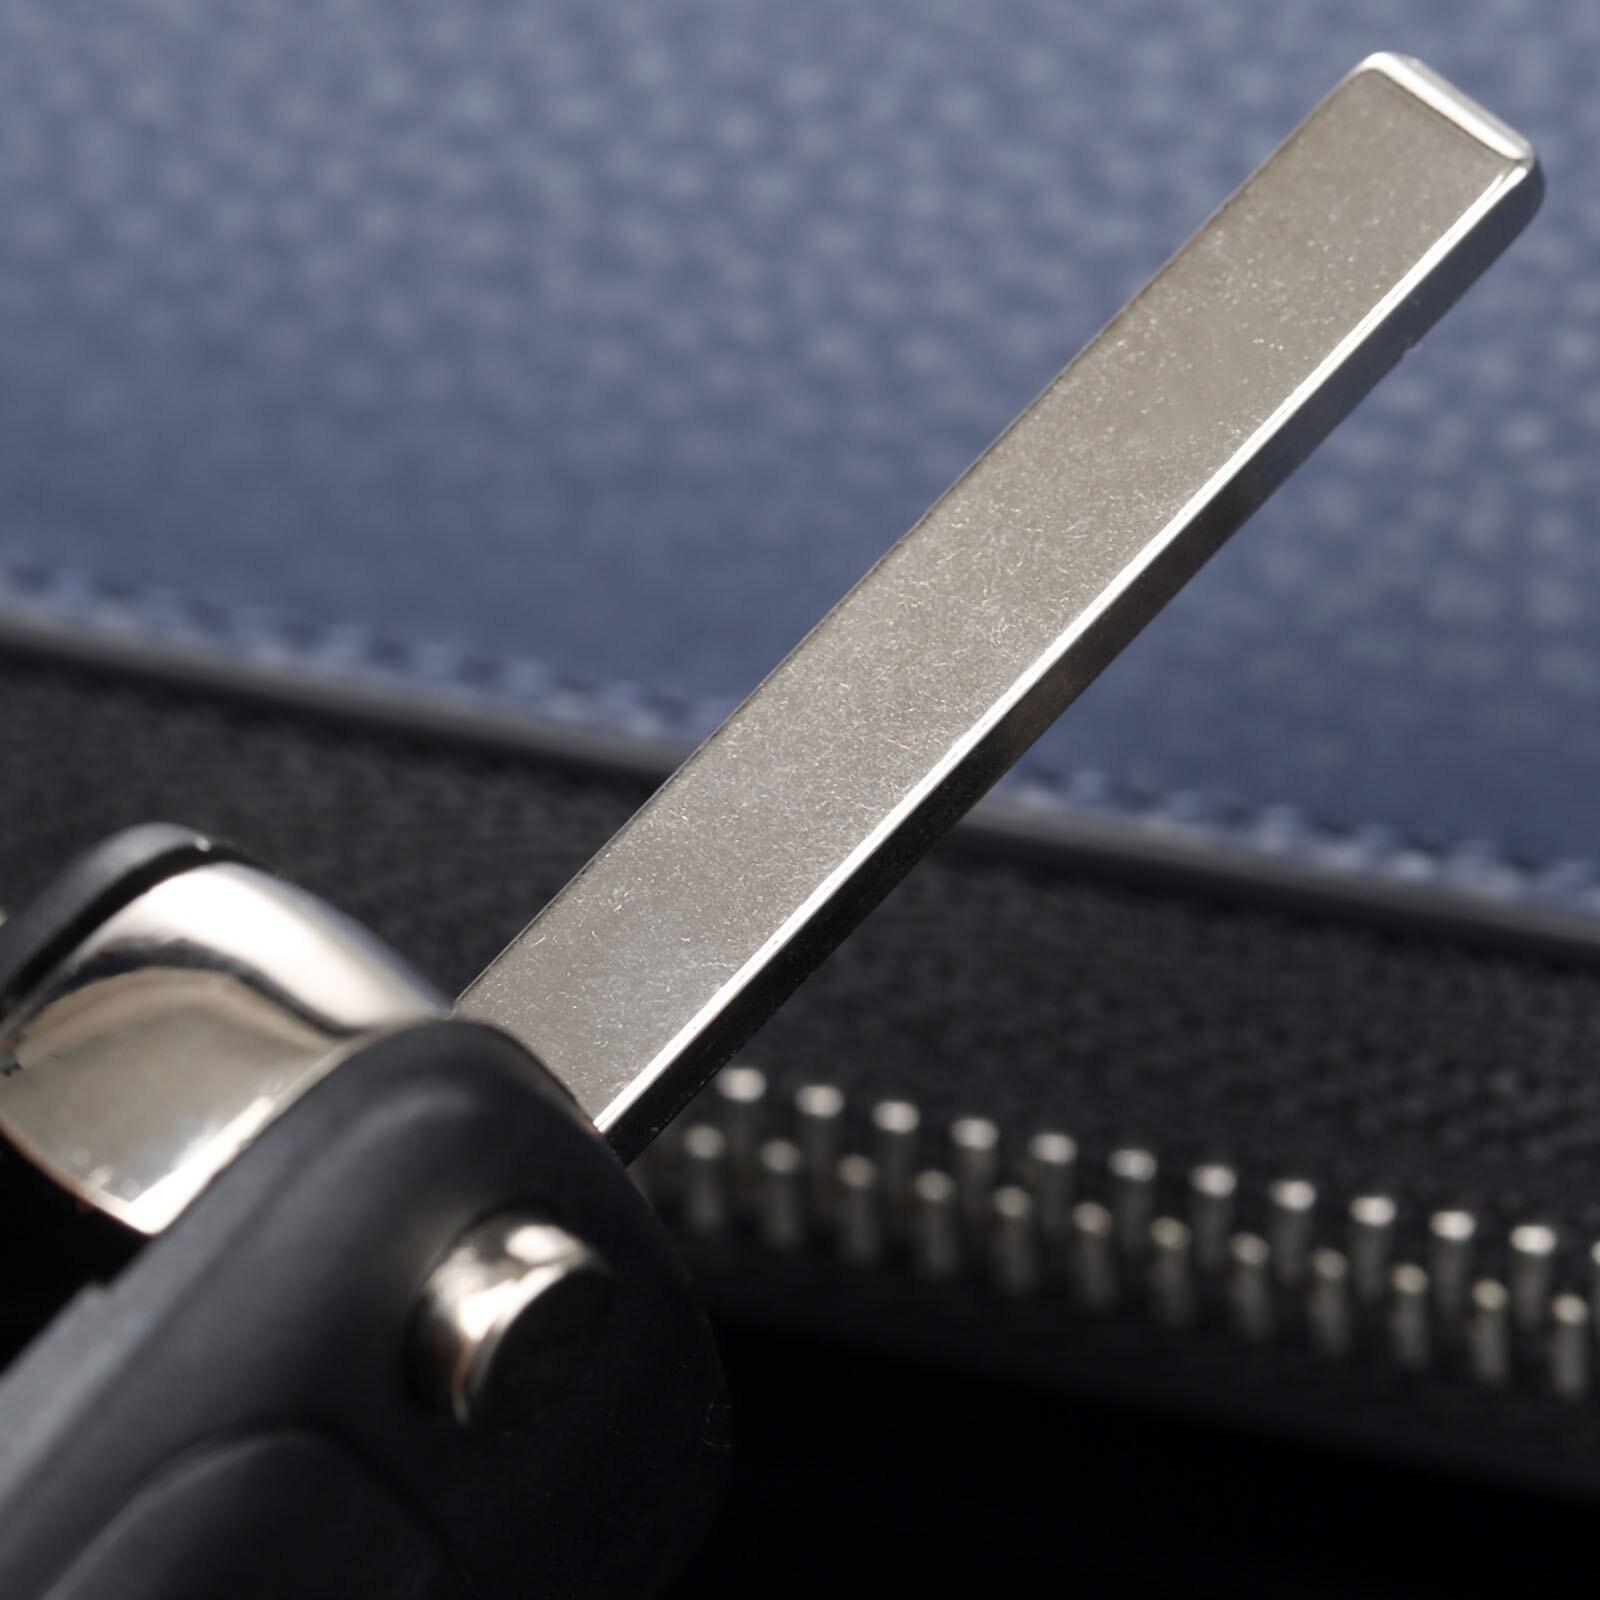 Image 5 - Чехол для дистанционного ключа 5 кнопок откидной складной чехол для Buick Lacrosse Regal Verano ключ сигнализации автомобиля сменный без ключа Fob крышка-in Ключ авто from Автомобили и мотоциклы